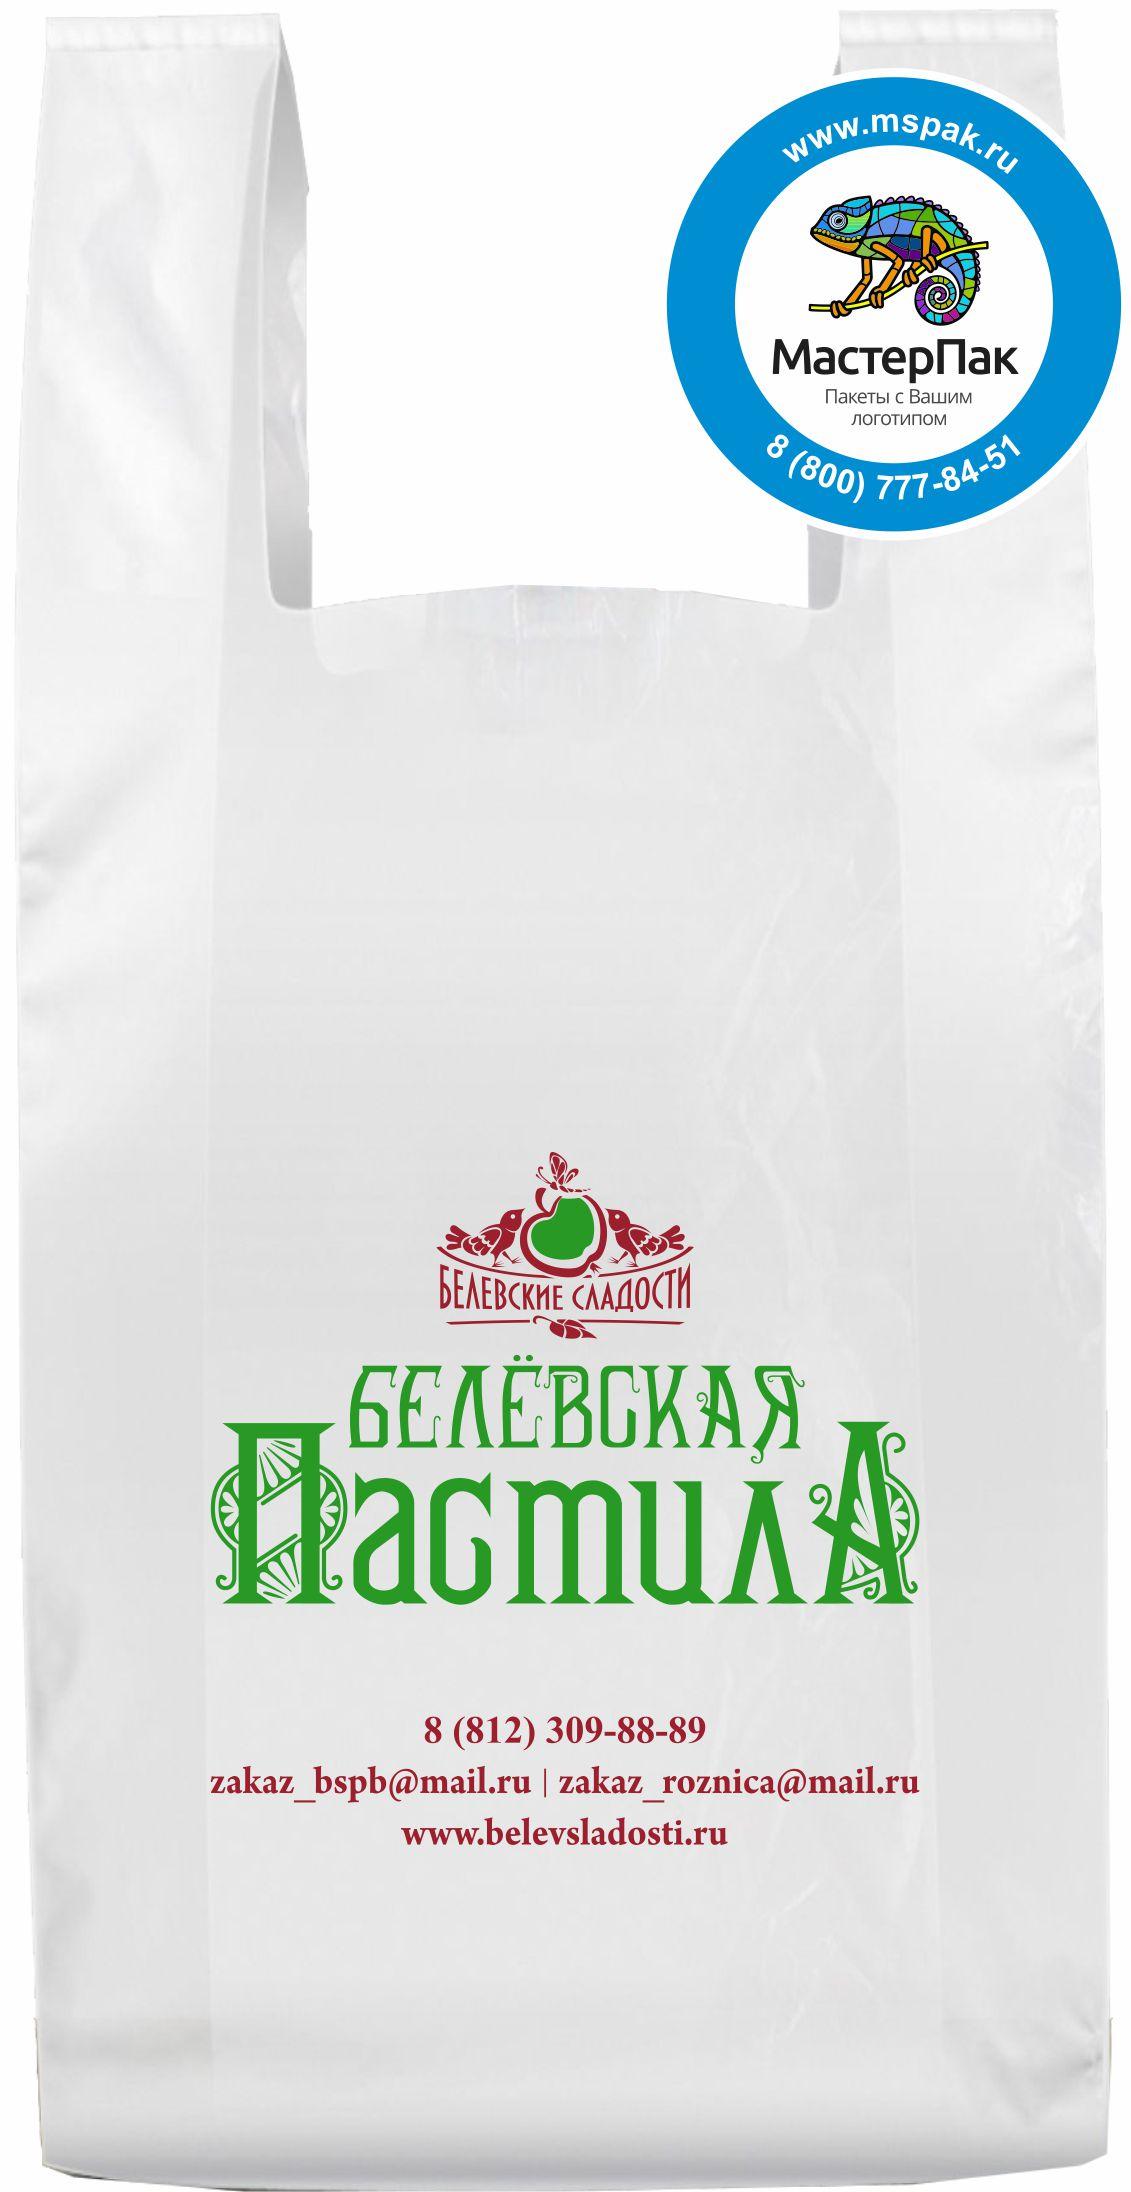 Пакеты майка с рекламой сладостей Белёвская пастила